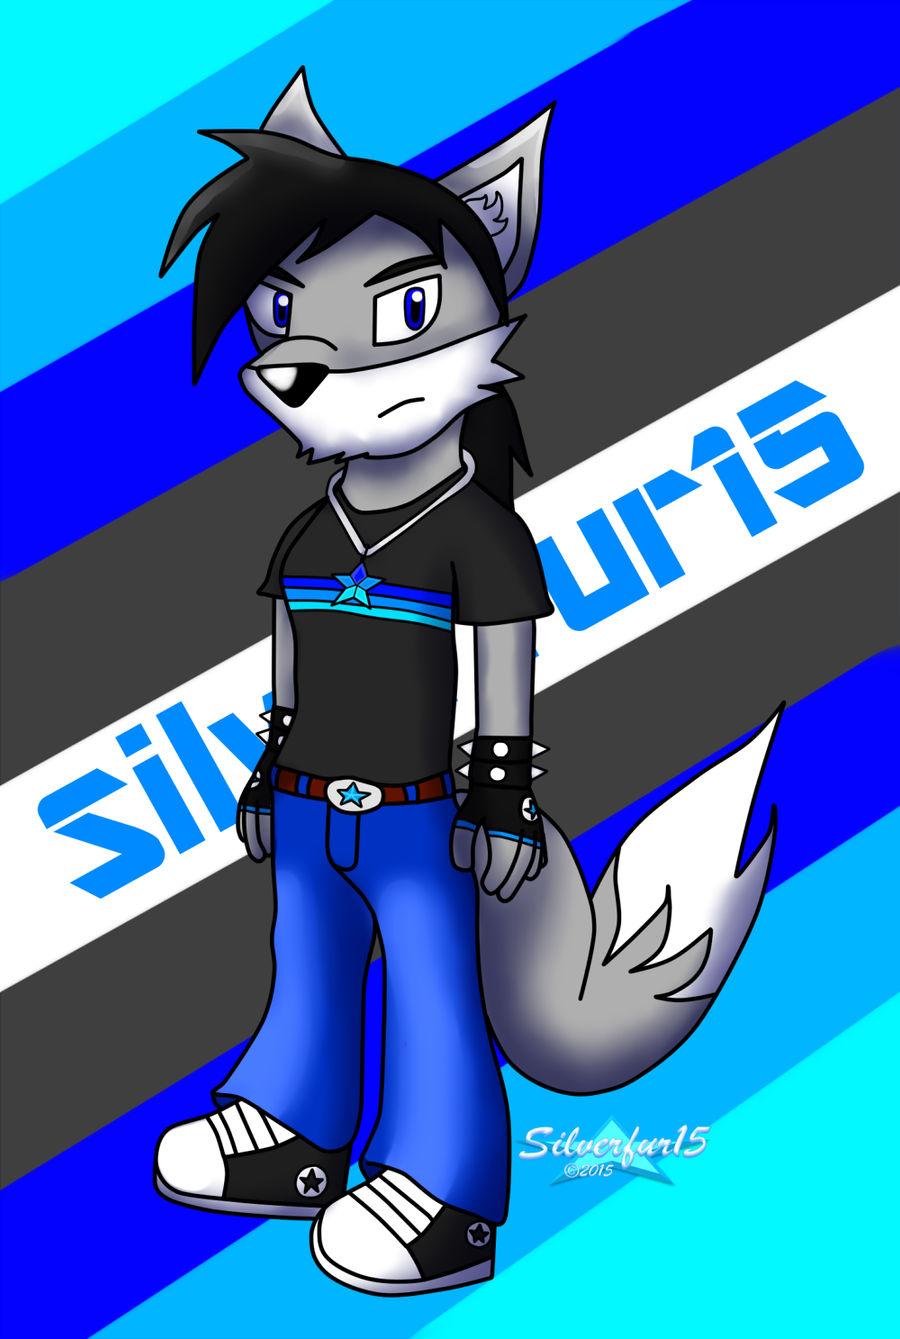 I.D. 2015 by Silverfur15